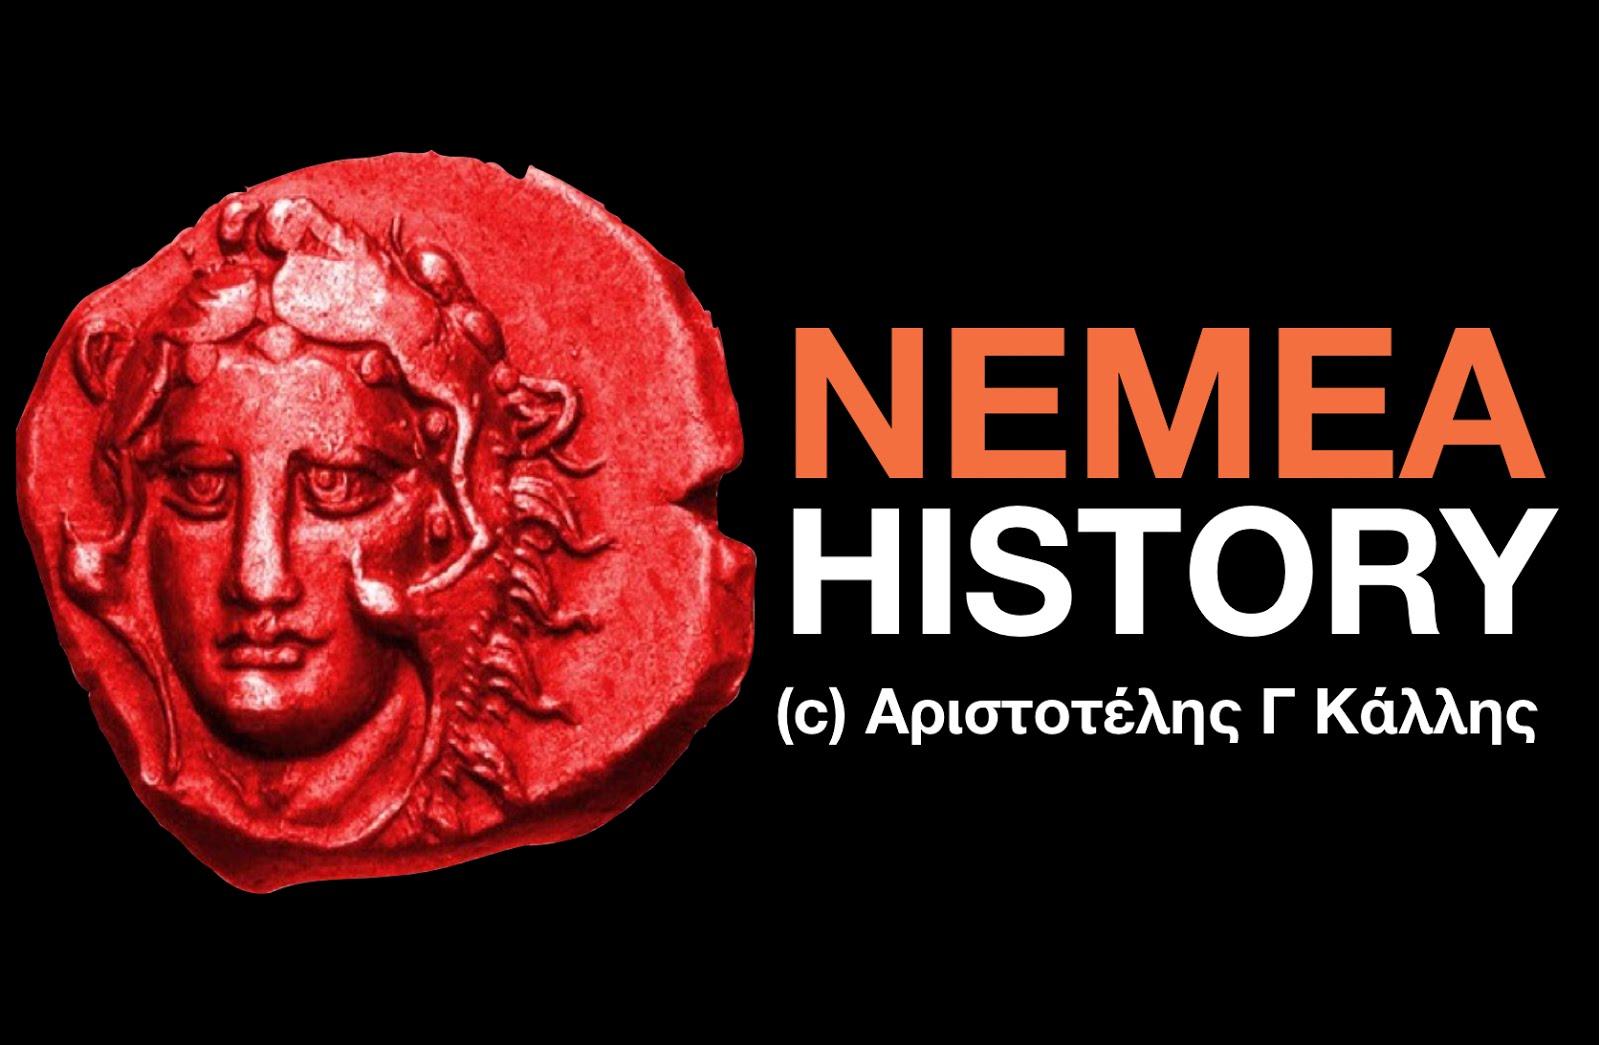 NemeaHistory